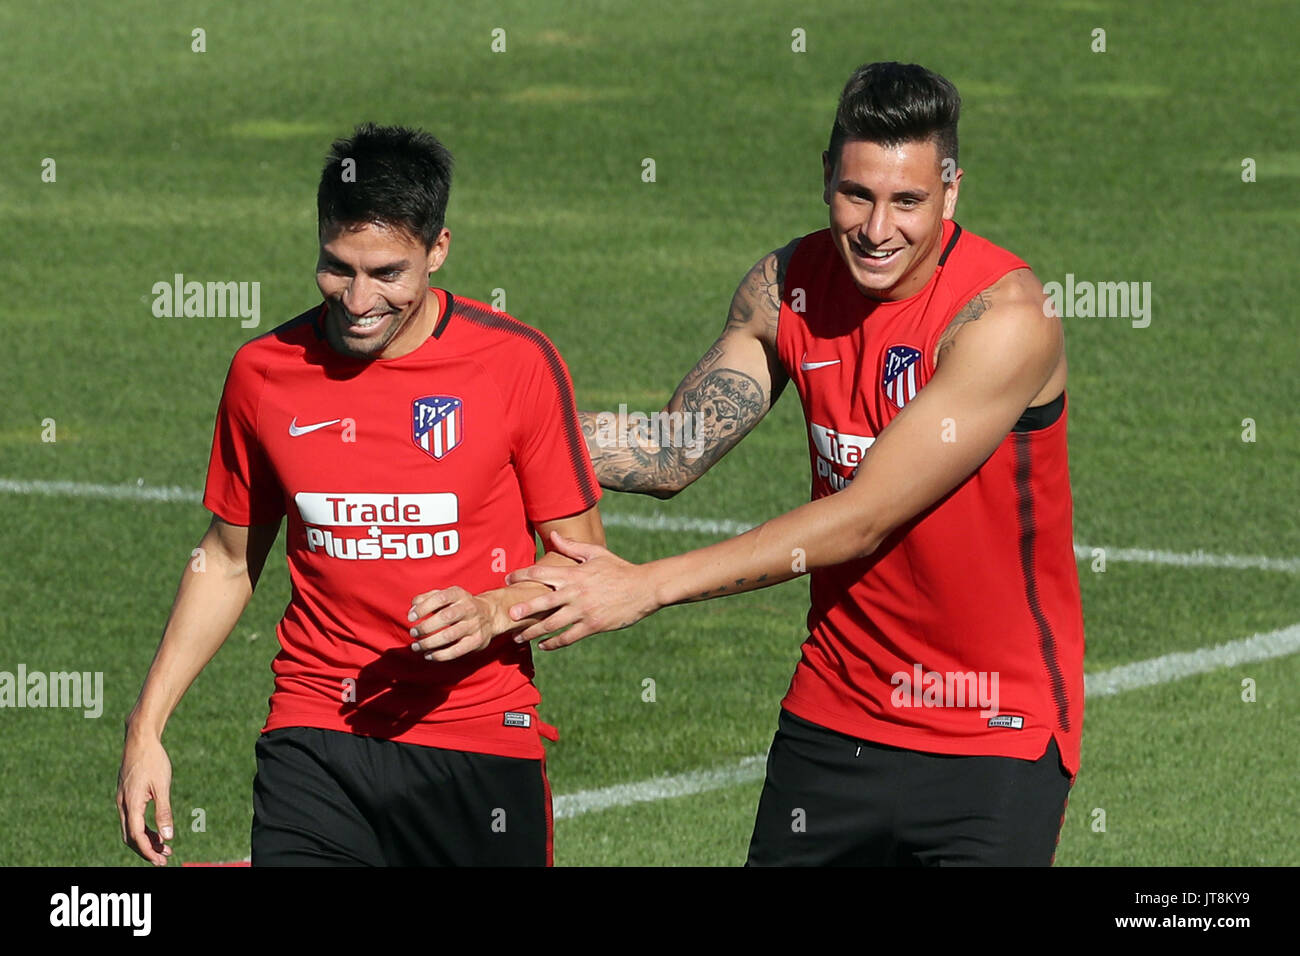 El Atletico De Madrid Jugadores El Argentino Nicolas Gaitan L Y